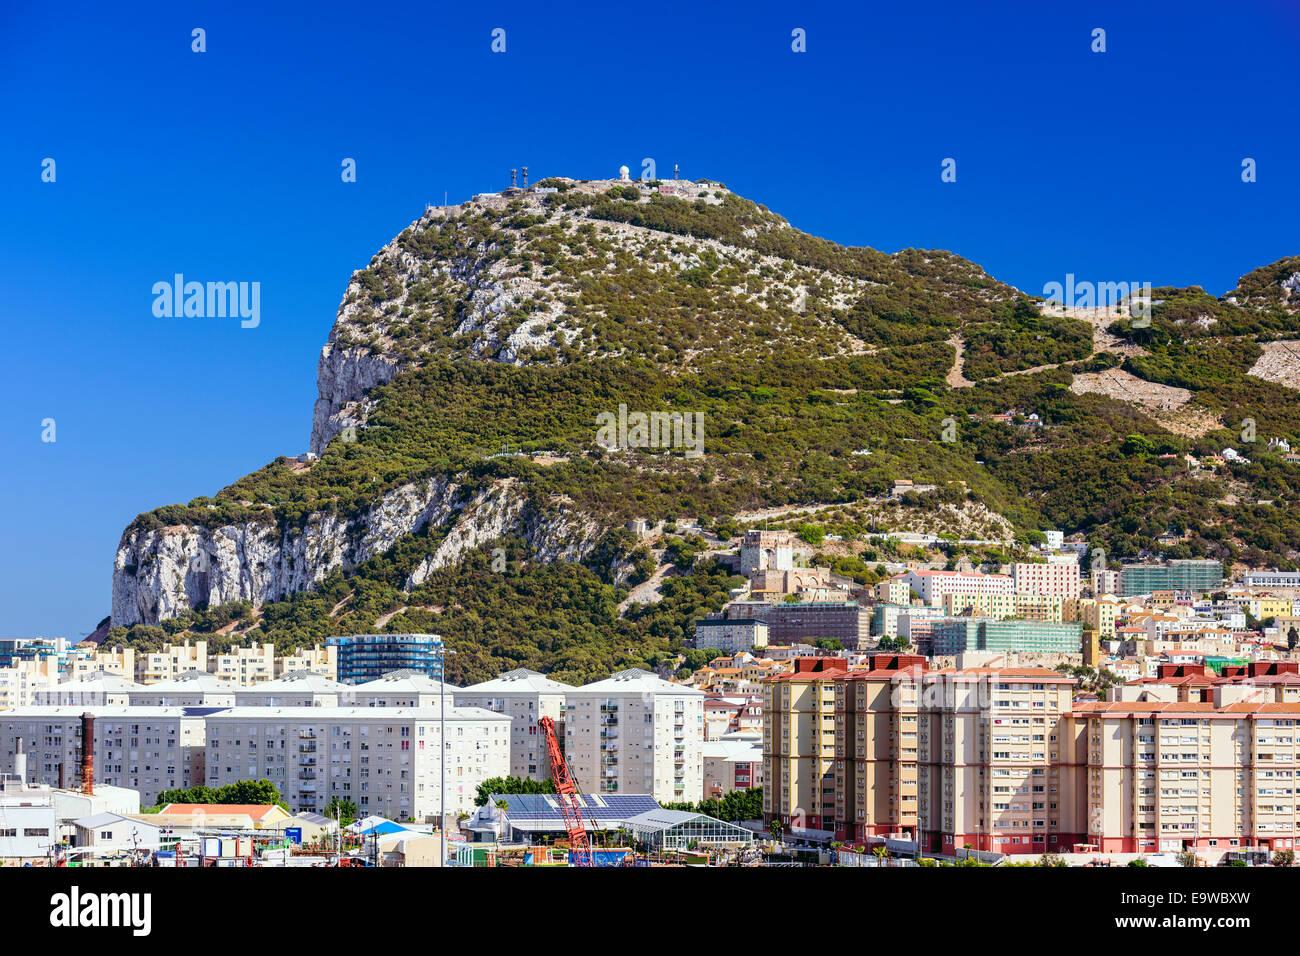 La British Overseas territorio della Rocca di Gibilterra. Immagini Stock